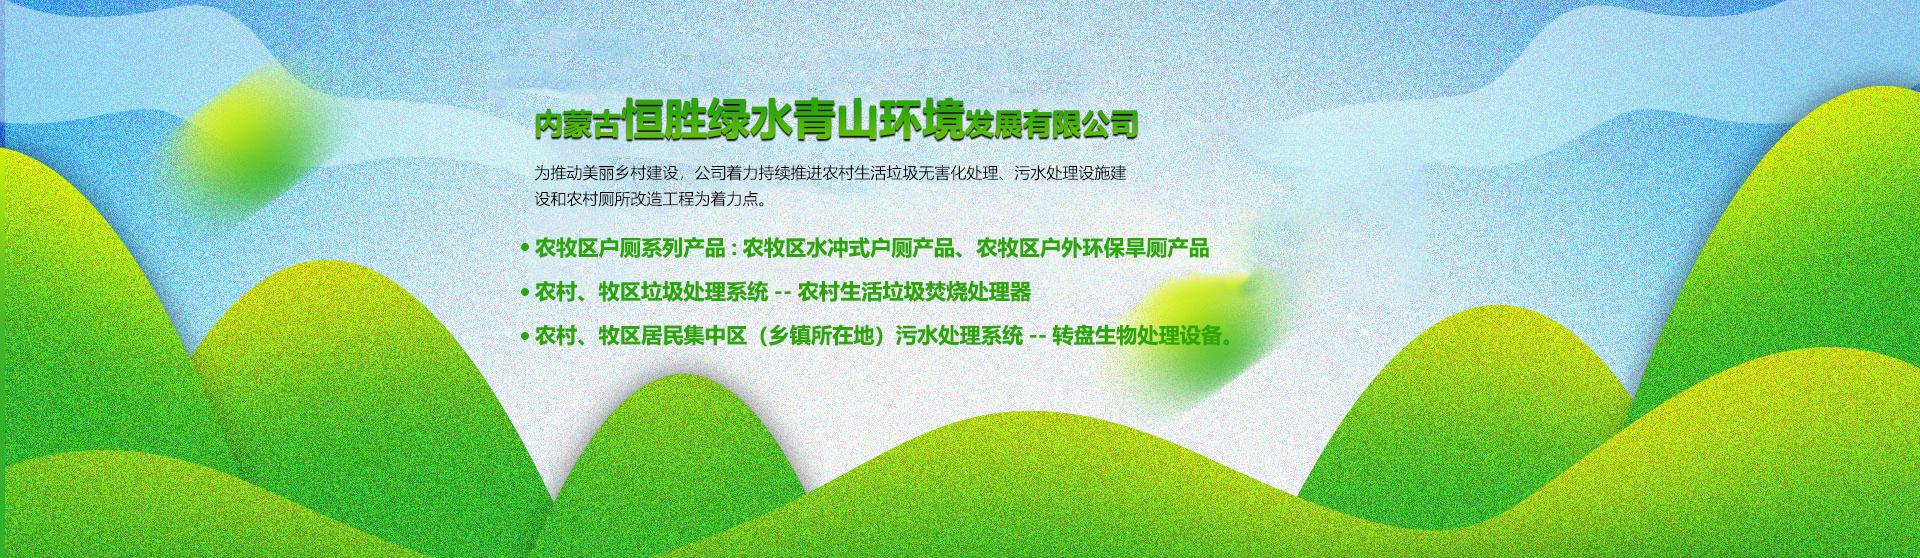 内蒙古恒胜绿水青山环境发展有限公司